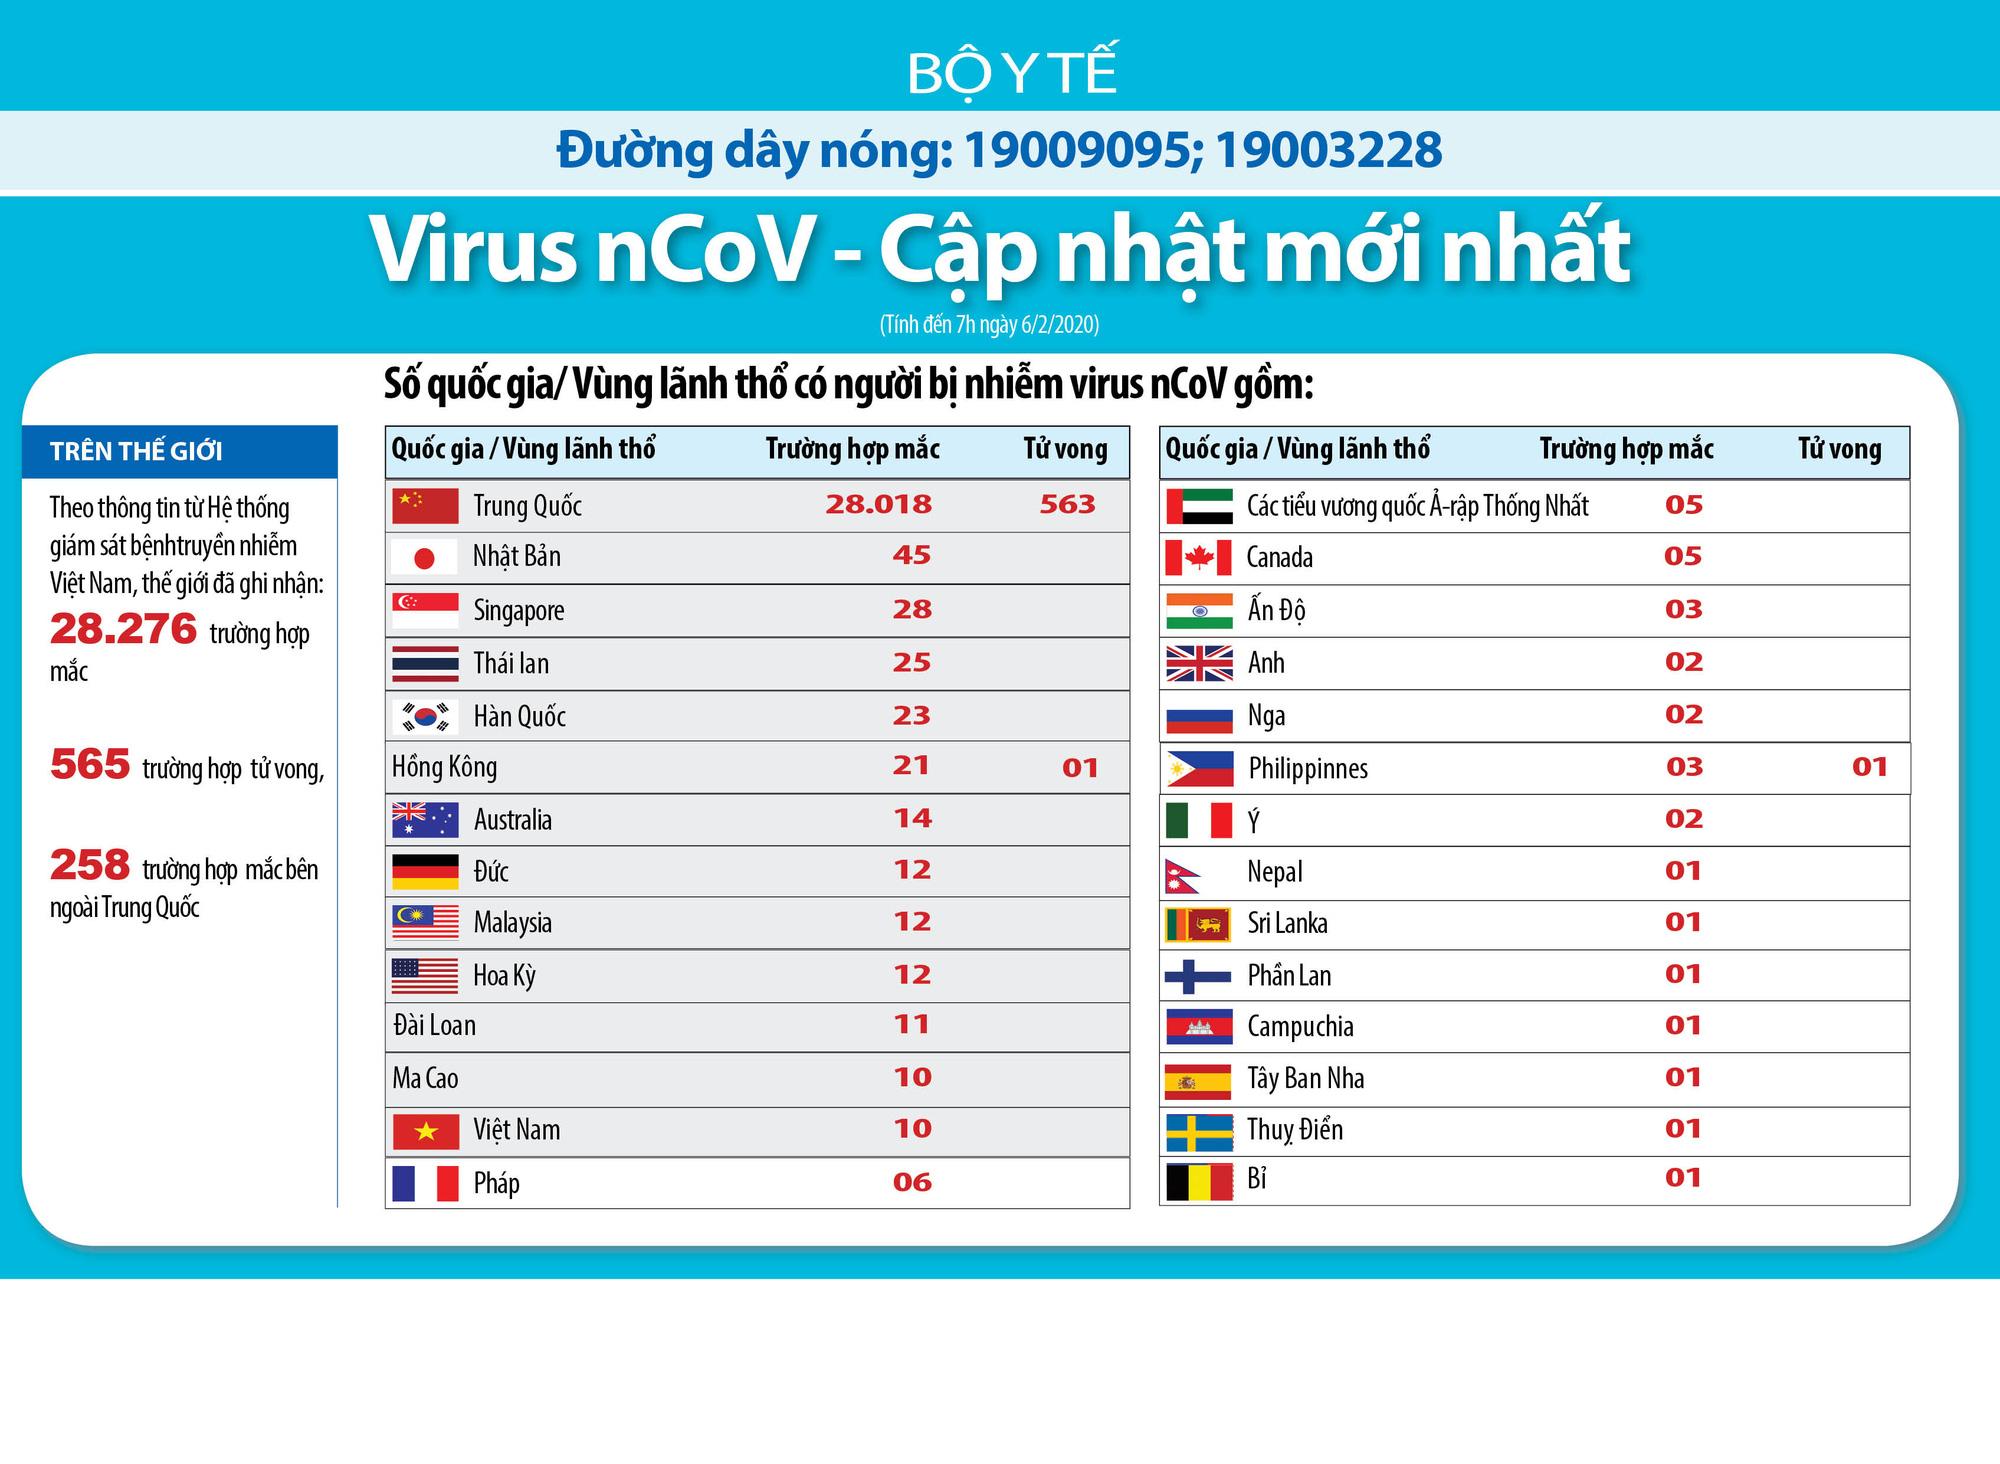 Cập nhật tình hình dịch corona chiều 6/2: 1.153 người tại Trung Quốc hồi phục xuất viện, Việt Nam không có ca nào dương tính nCoV trong 48 giờ qua - Ảnh 3.